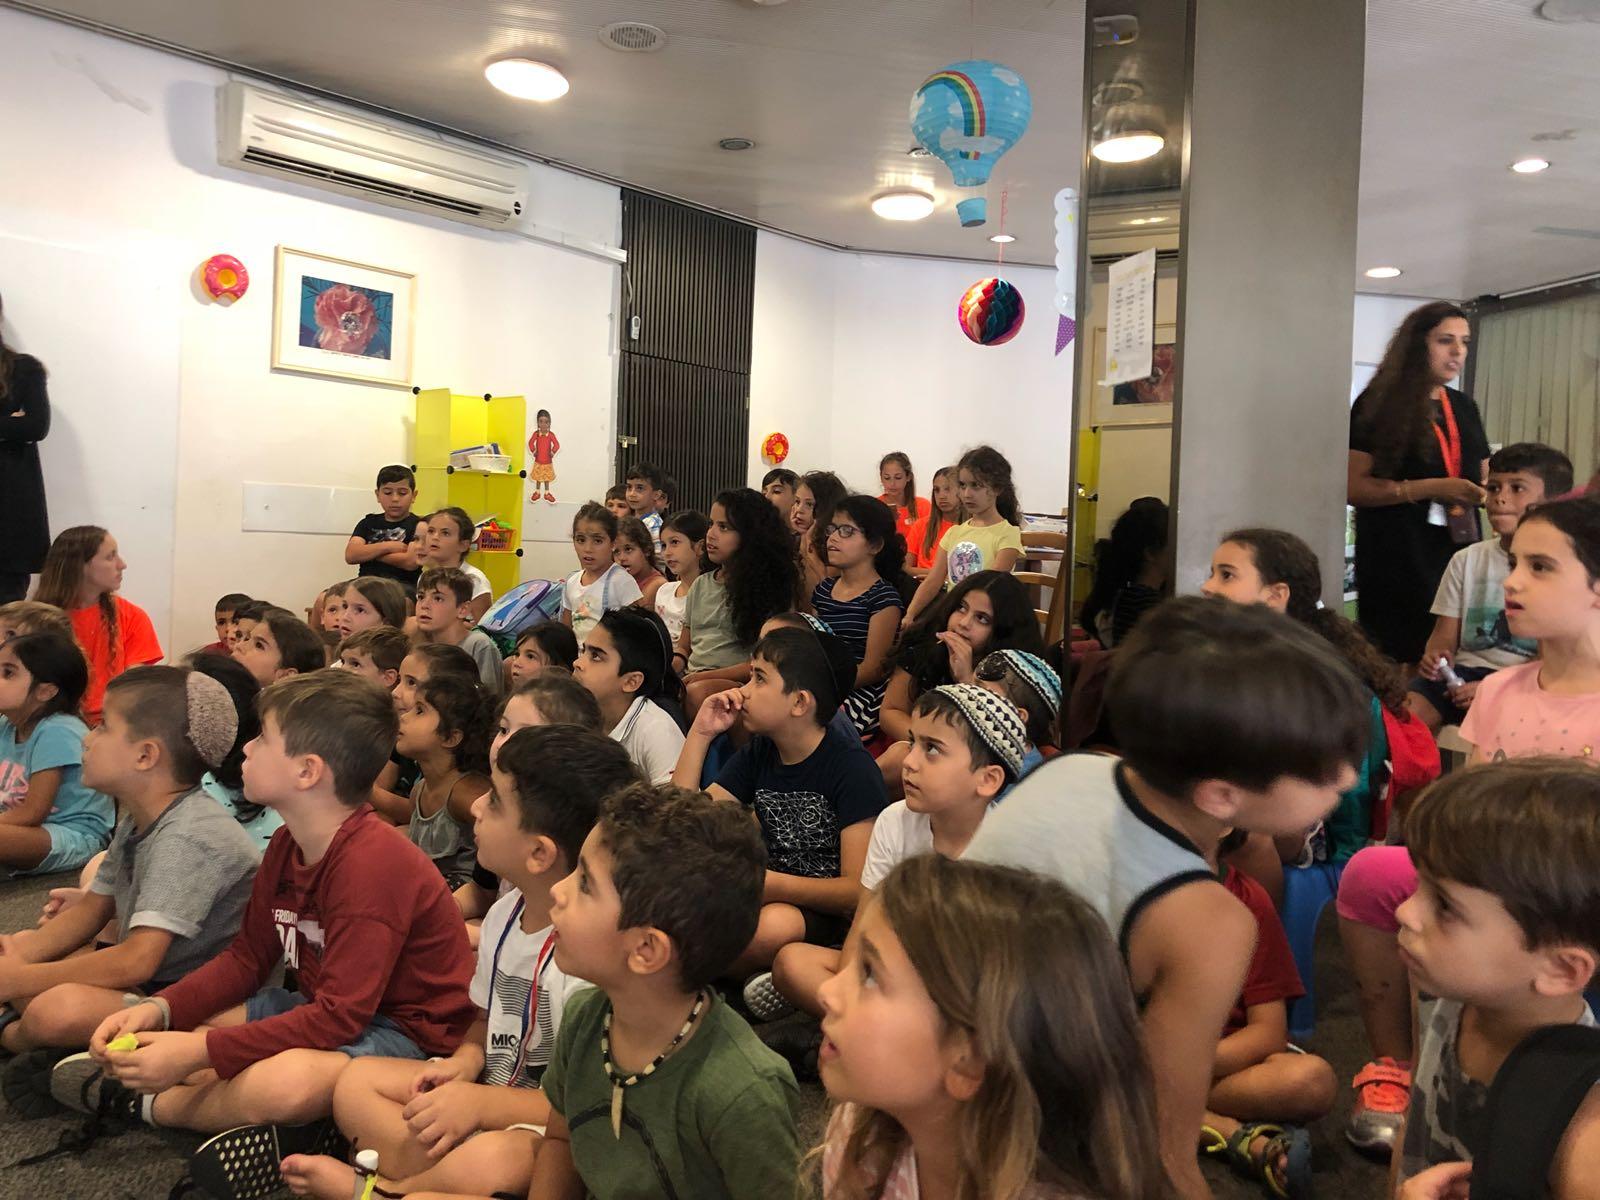 גלרייה - קייטנת ילדי הבורסה 17-31.08.2018 תמונה 3 מתוך 31